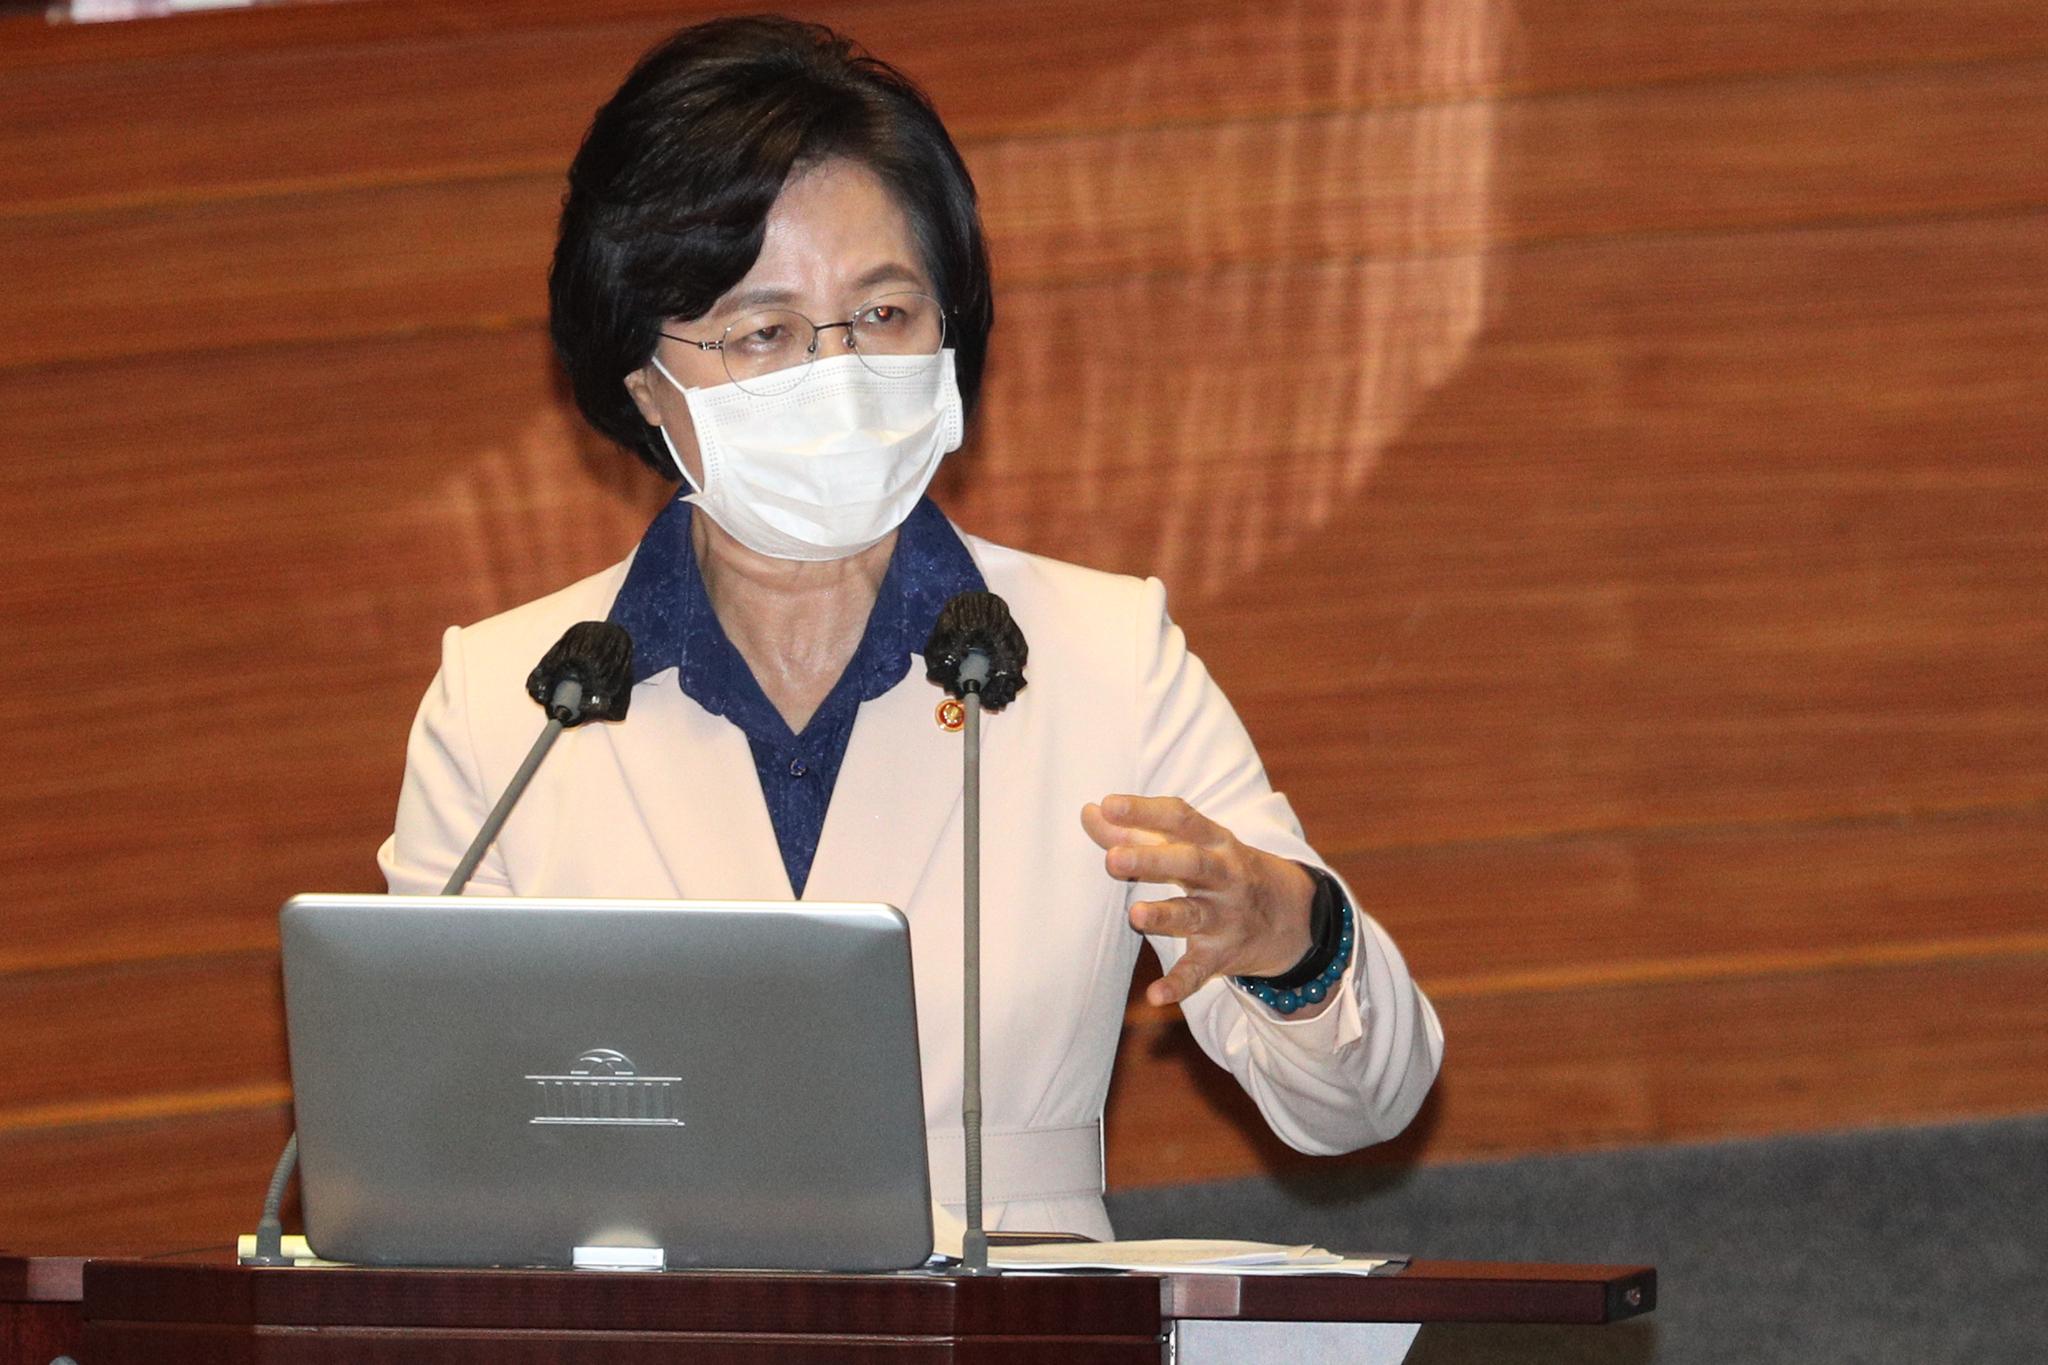 추미애 법무부 장관이 14일 오후 서울 여의도 국회에서 열린 본회의에서 의원들과 질의응답을 하고 있다. 중앙포토